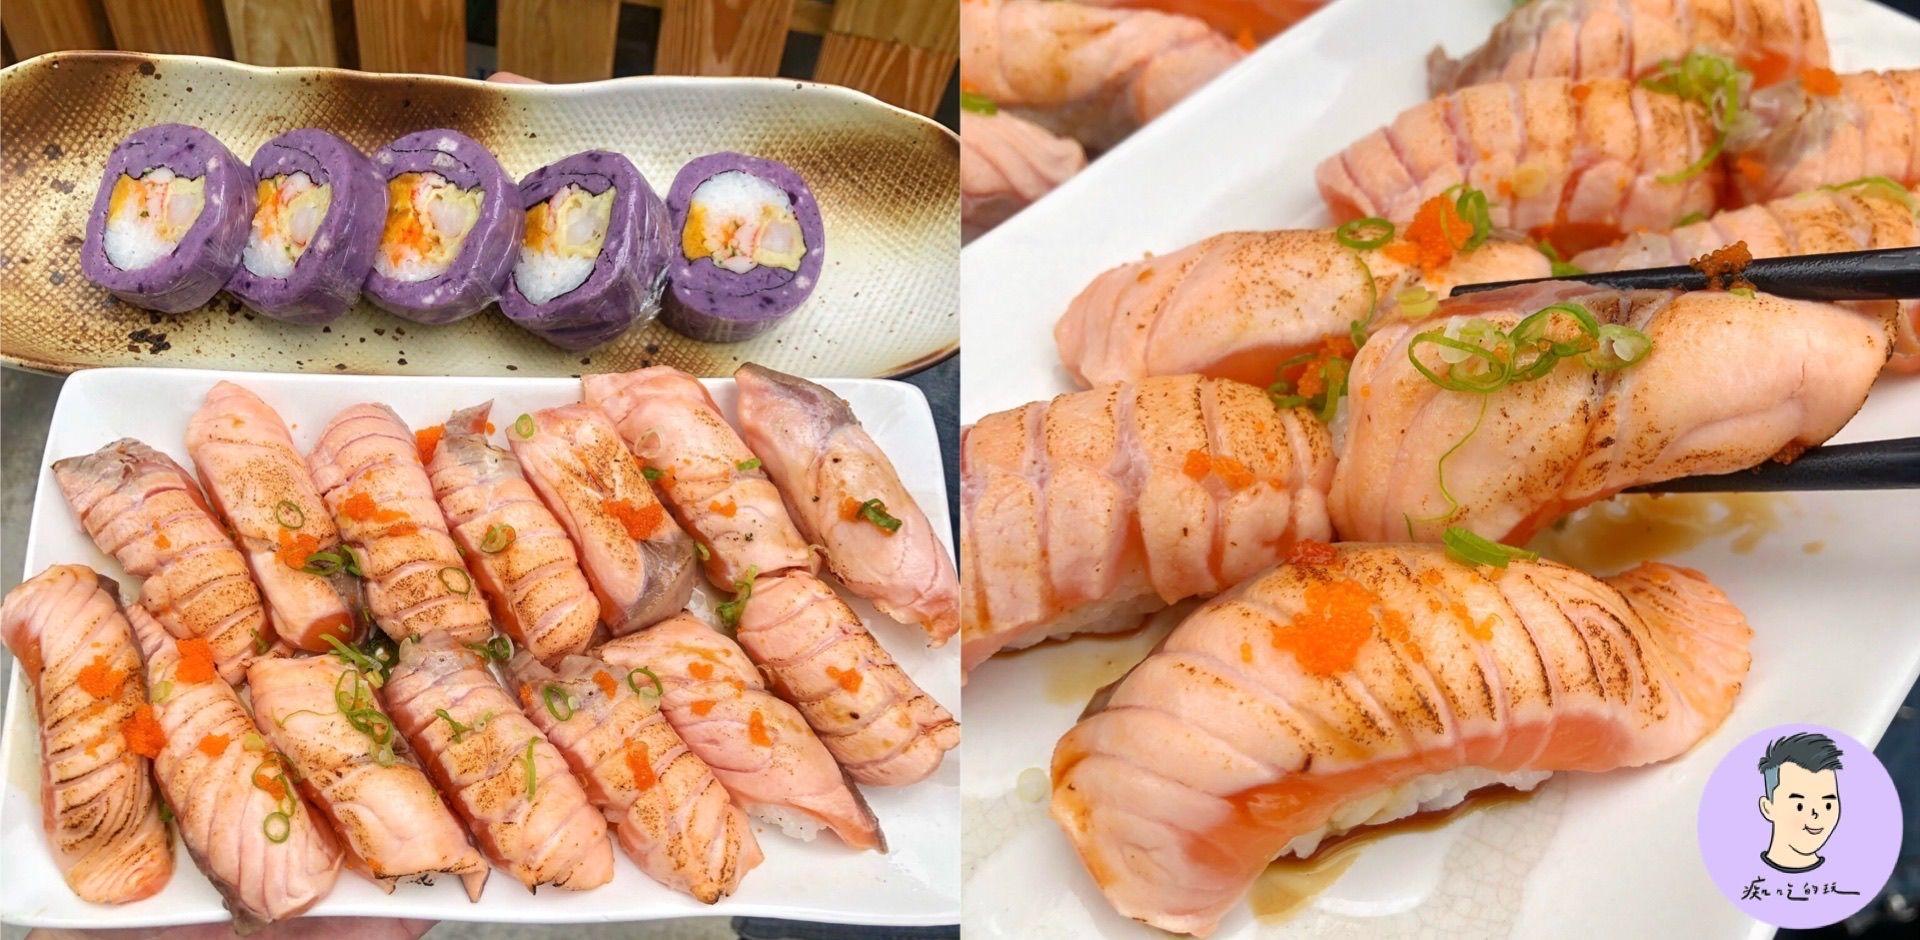 台南低調高人氣日料店【好食殿食堂】炙燒鮭魚握壽司8貫限時200元!升級加量還降價!選擇多平價大份量cp值超高